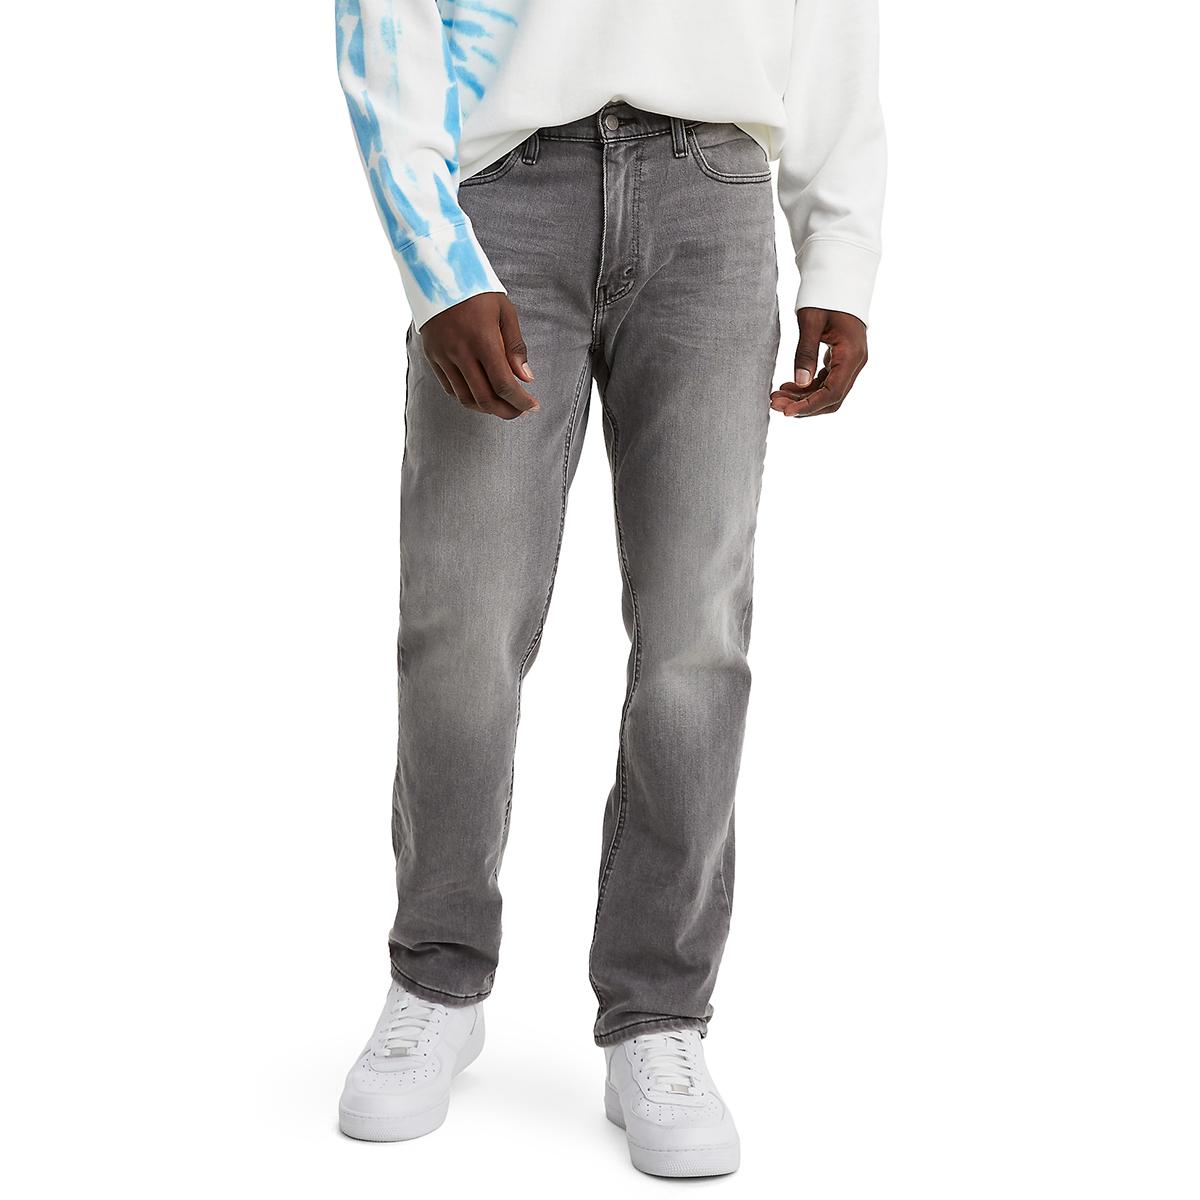 Levi's Men's 541 Athletic Fit Jeans - Black, 30/30